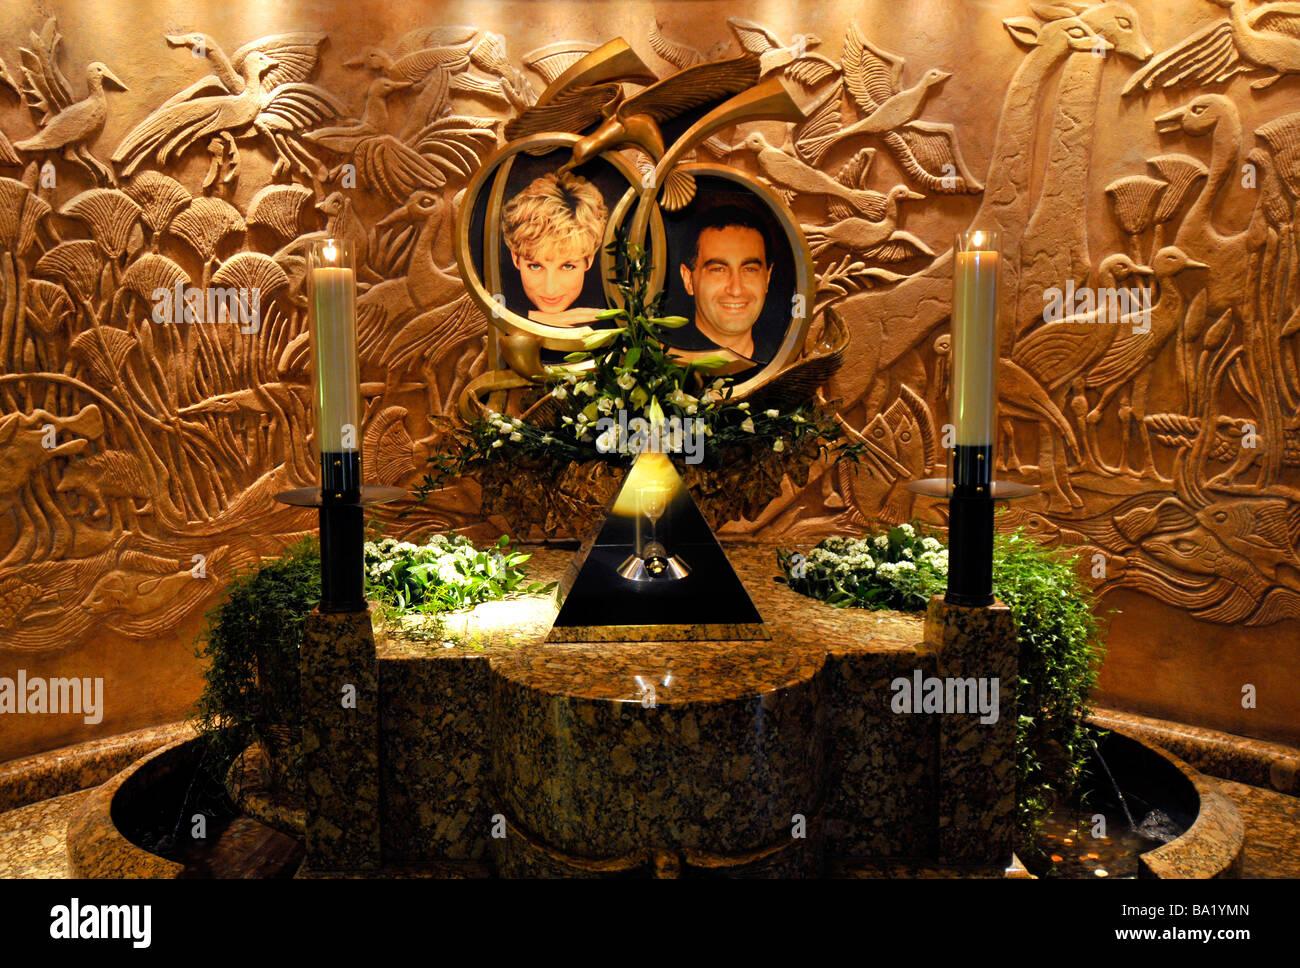 Denkmal in Harrods, Prinzessin Diana und Dodi Al Fayed, London, England, UK Stockbild